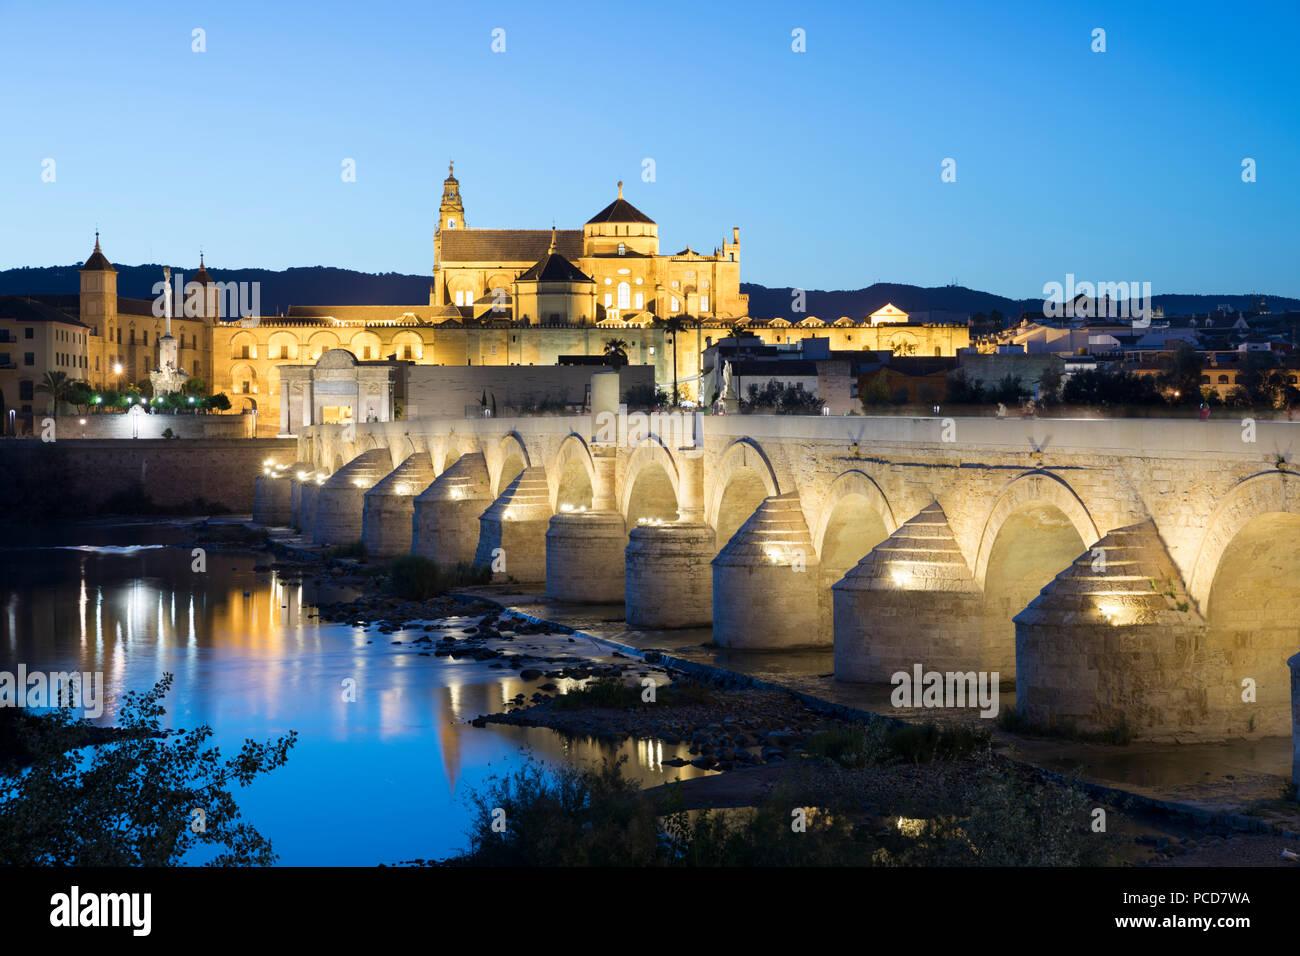 La Mezquita e ponte romano sul fiume Guadalquivir illuminazione notturna, Cordoba, Andalusia, Spagna, Europa Foto Stock